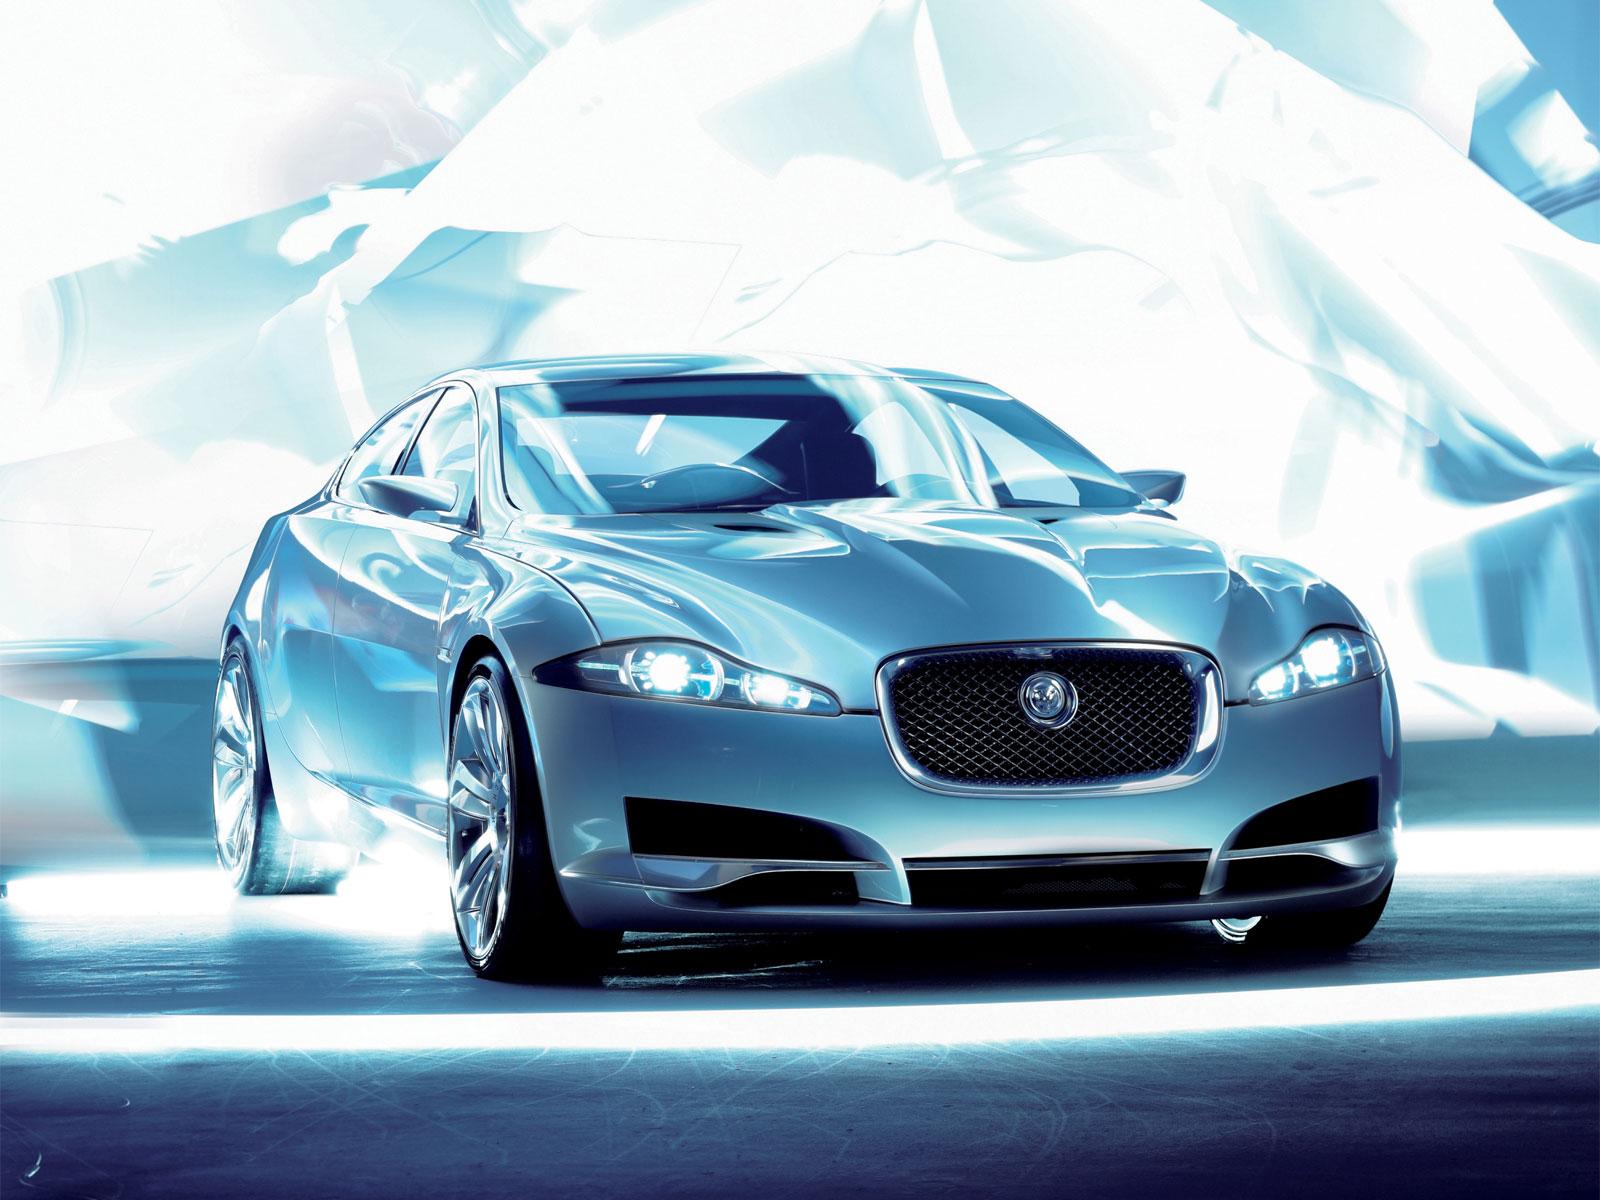 Download Jaguar Cars HD Wallpapers Jaguar Wallpapers Download 1600x1200